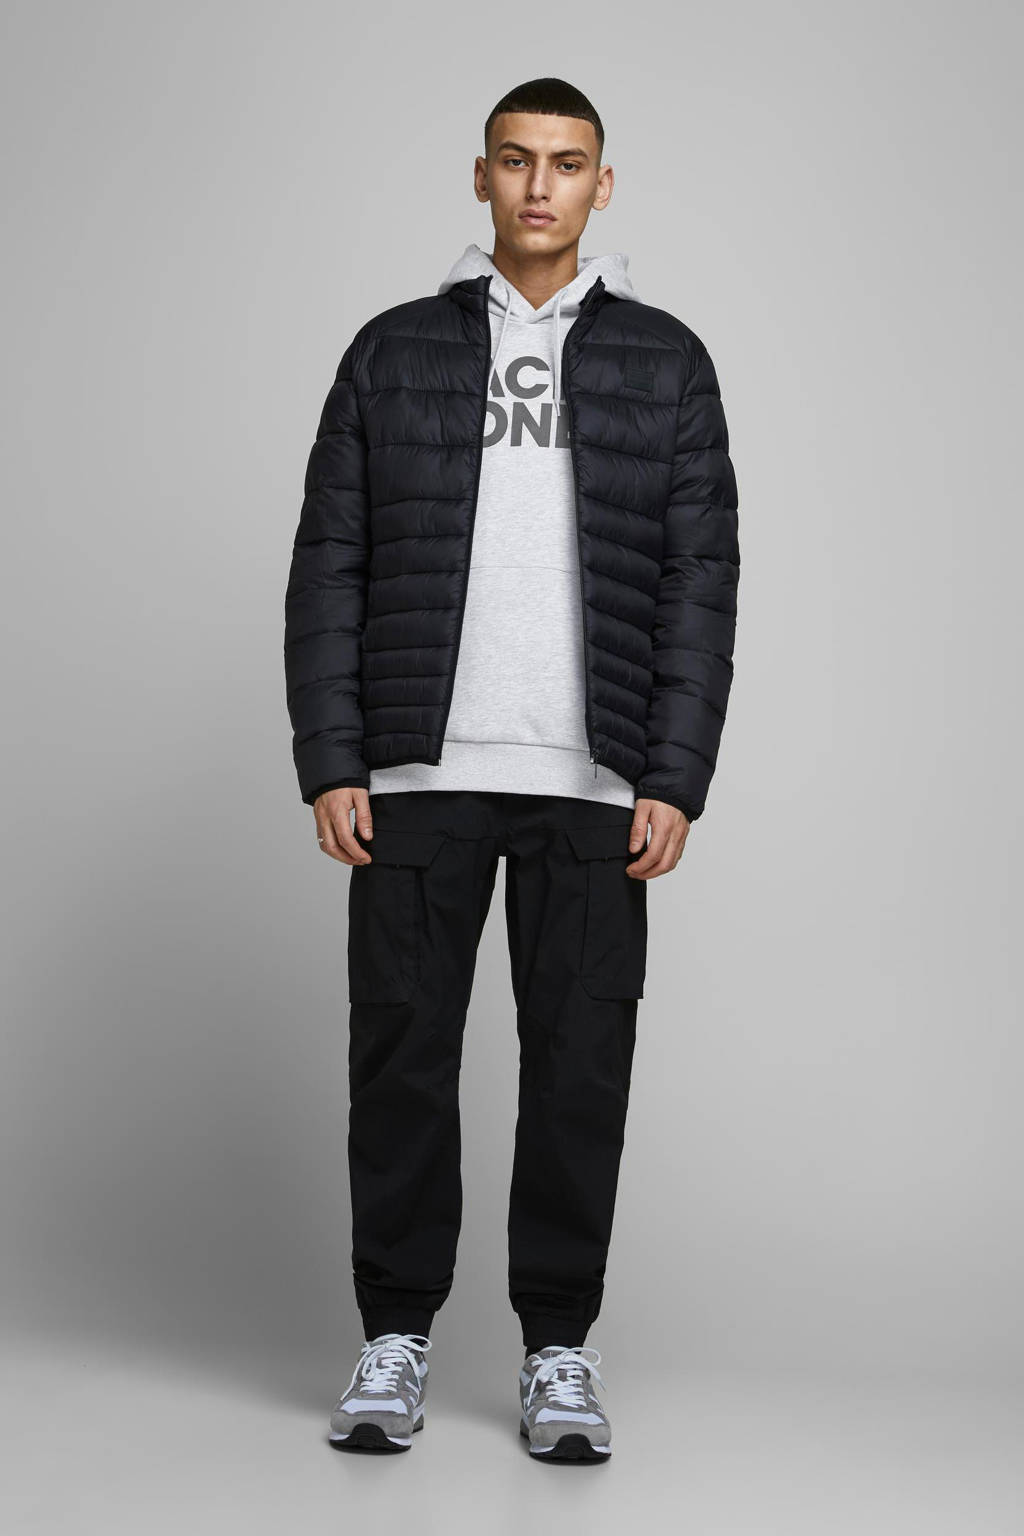 JACK & JONES ESSENTIALS hoodie met logo lichtgrijs melange, Lichtgrijs melange